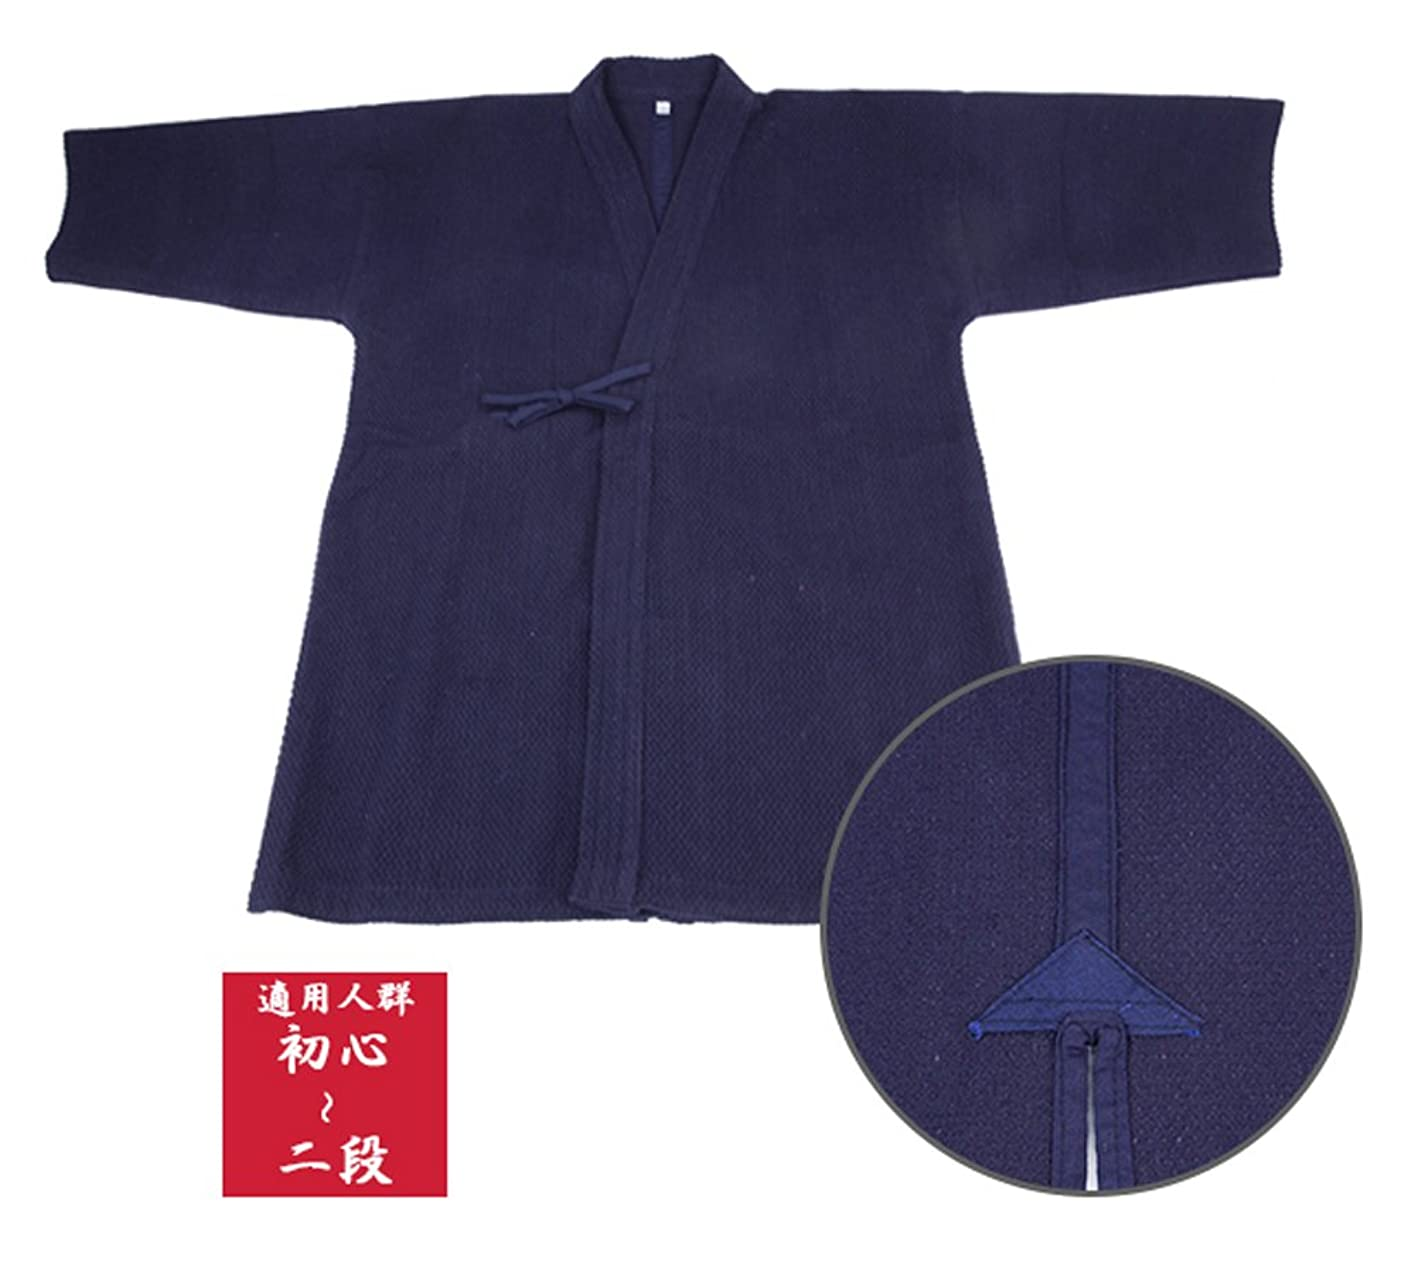 光沢パリティチョコレート剣道着 色止め紺一重剣道衣 (サイズ120~180cm) 綿100%